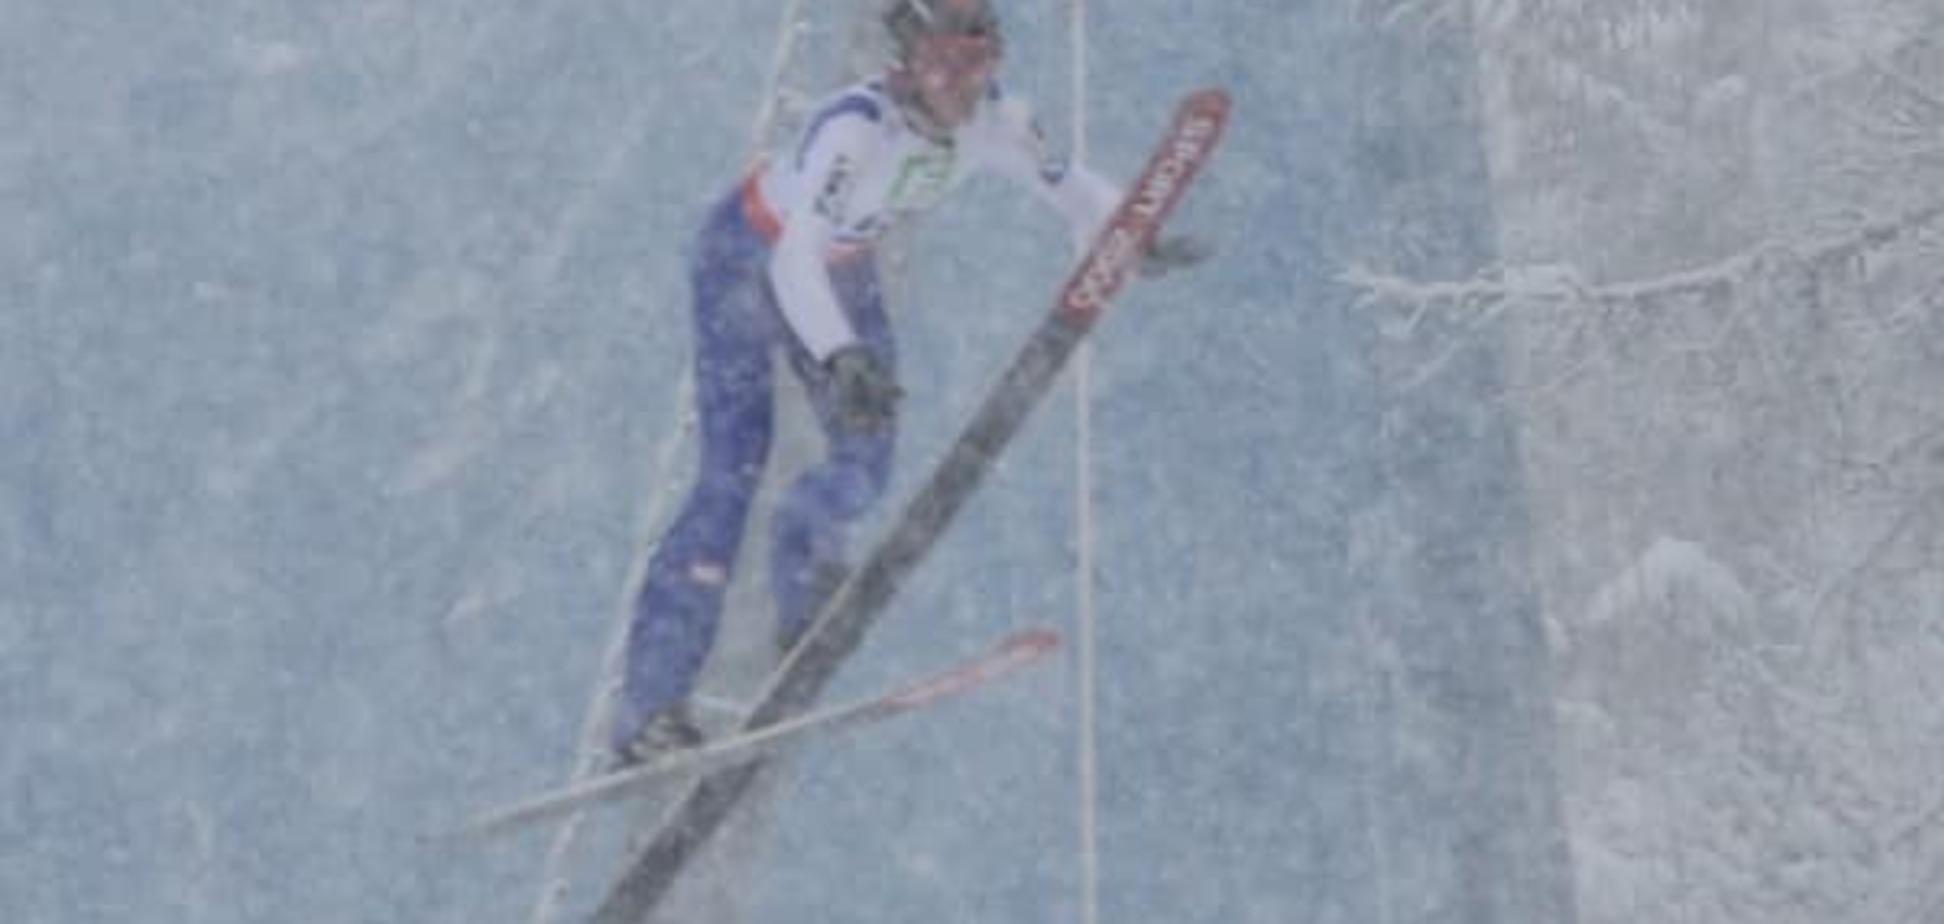 Австрийского чемпиона парализовало после страшного падения: видео инцидента